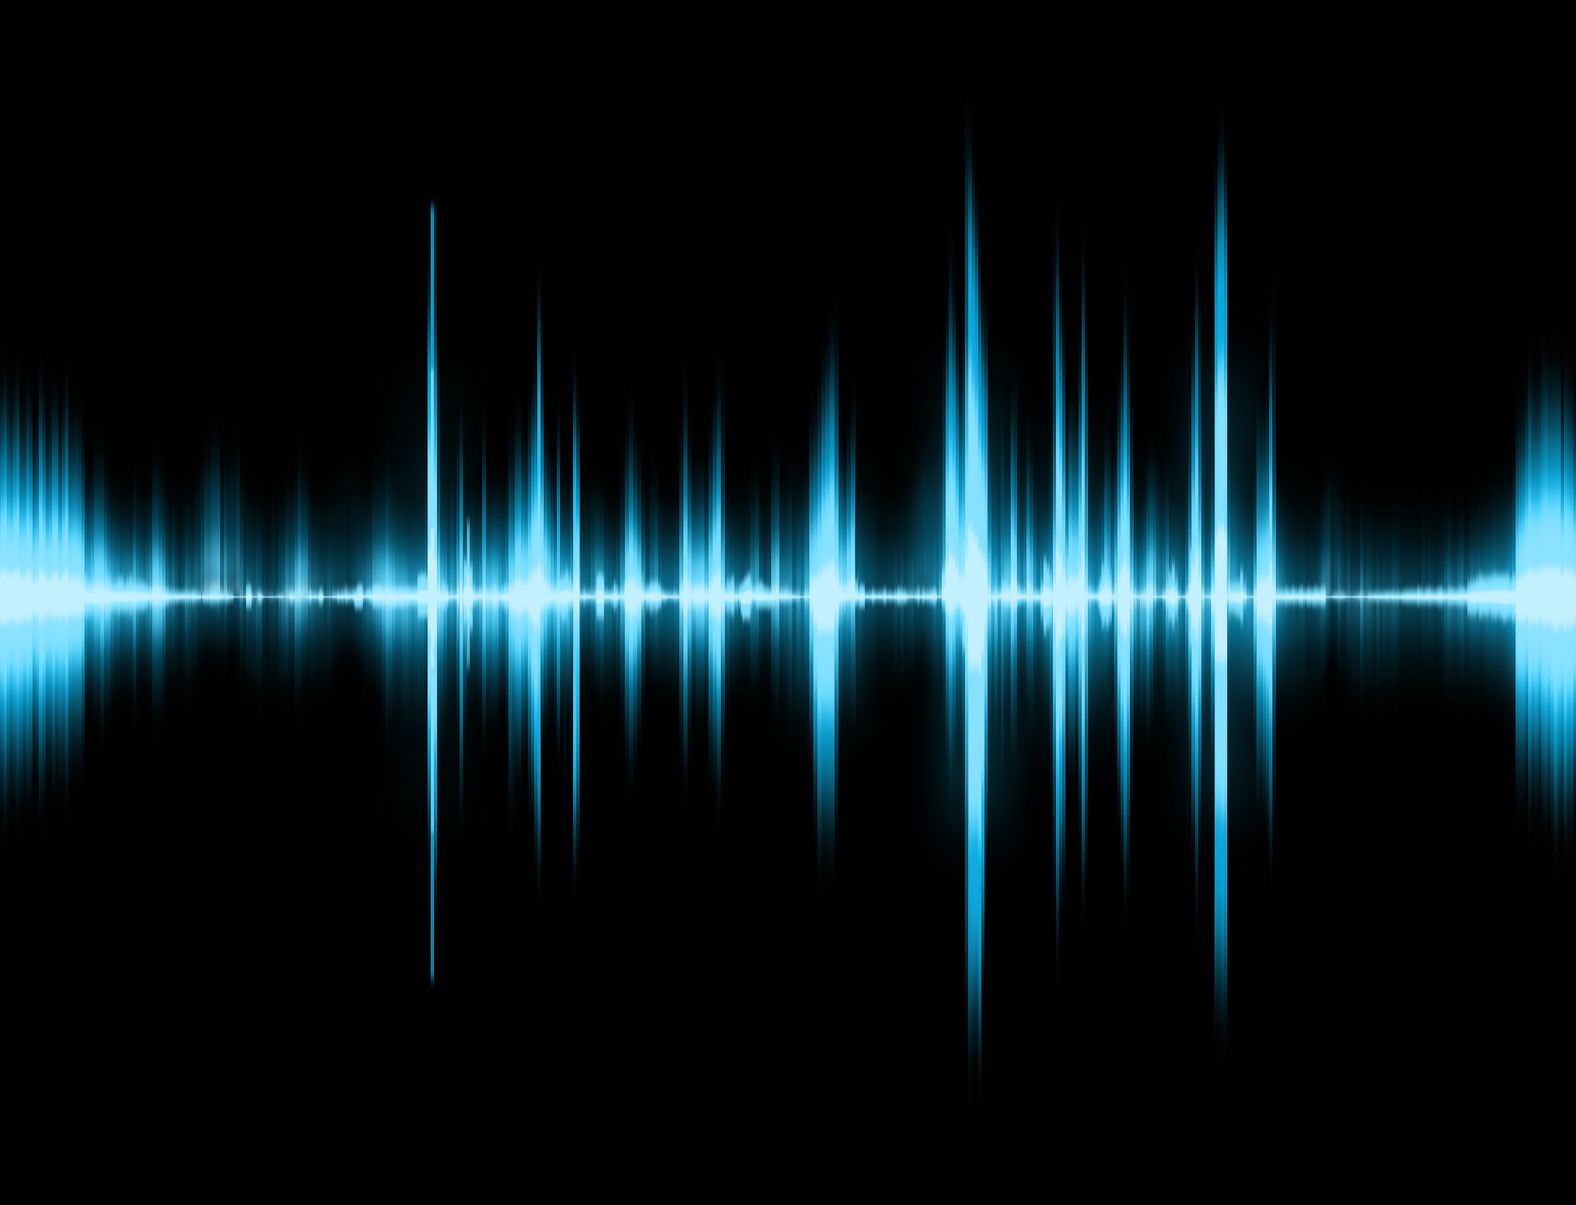 звуковые волны картинка фотографий забавных